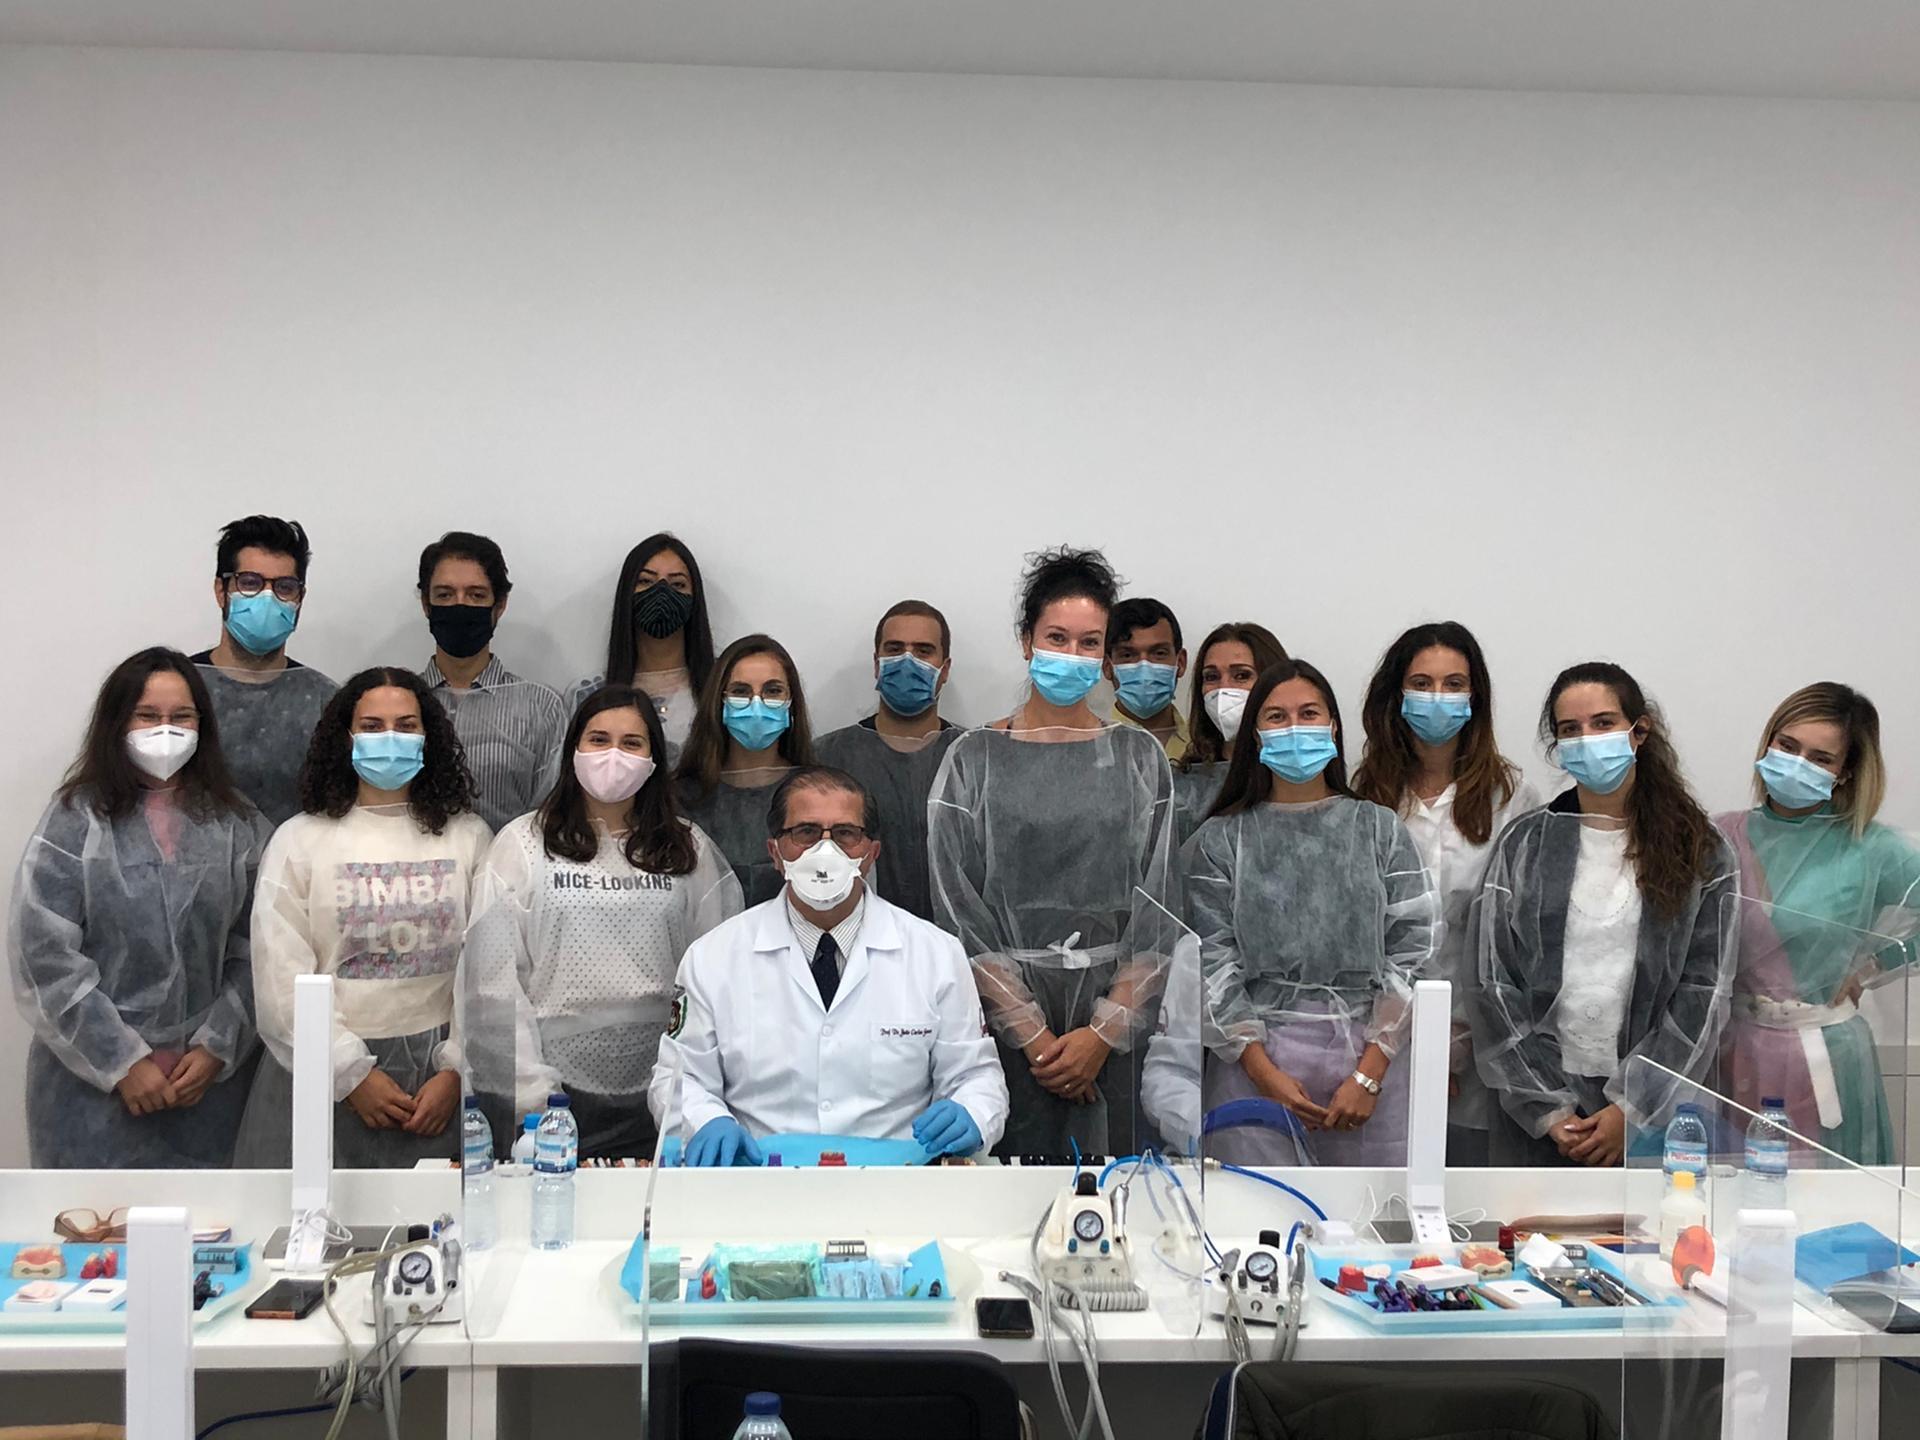 Curso de Dentisteria Estética Adesiva -  09, 10 e 11 de novembro 2020